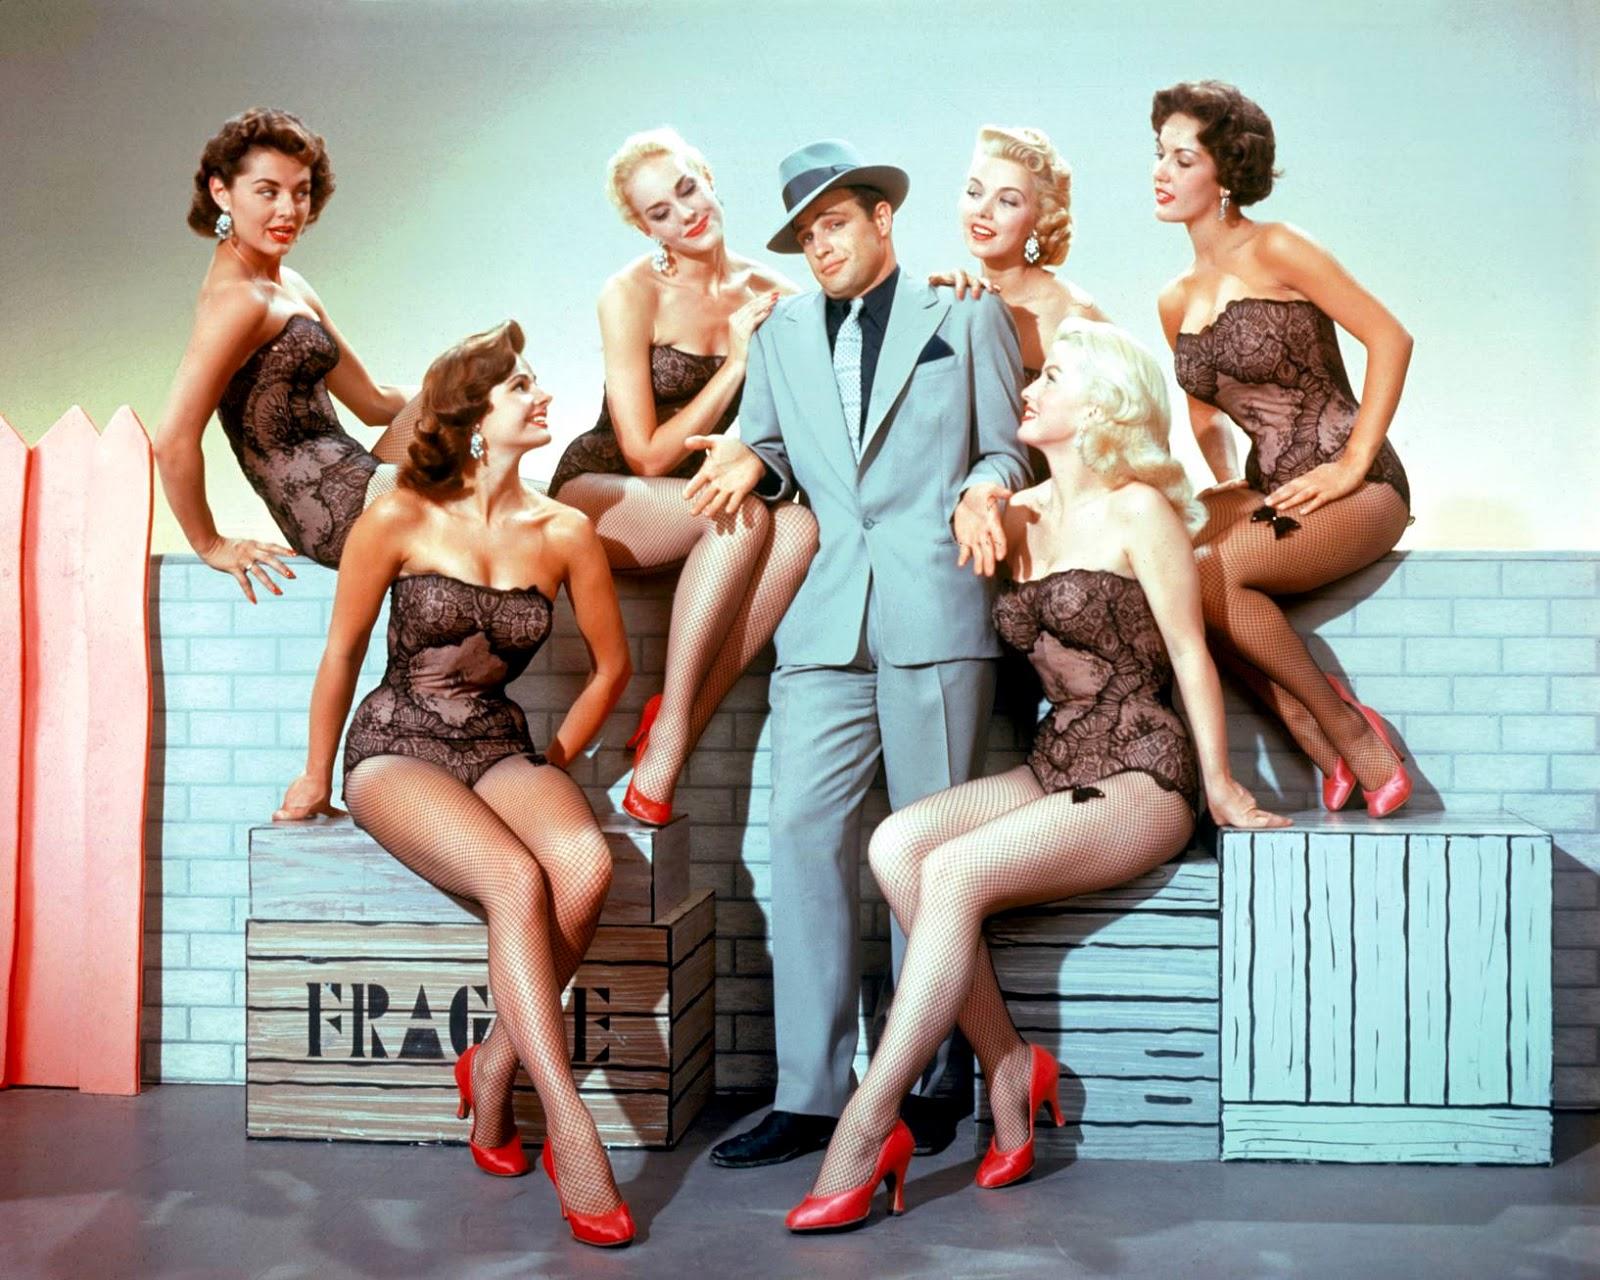 4 Women 1 Guy